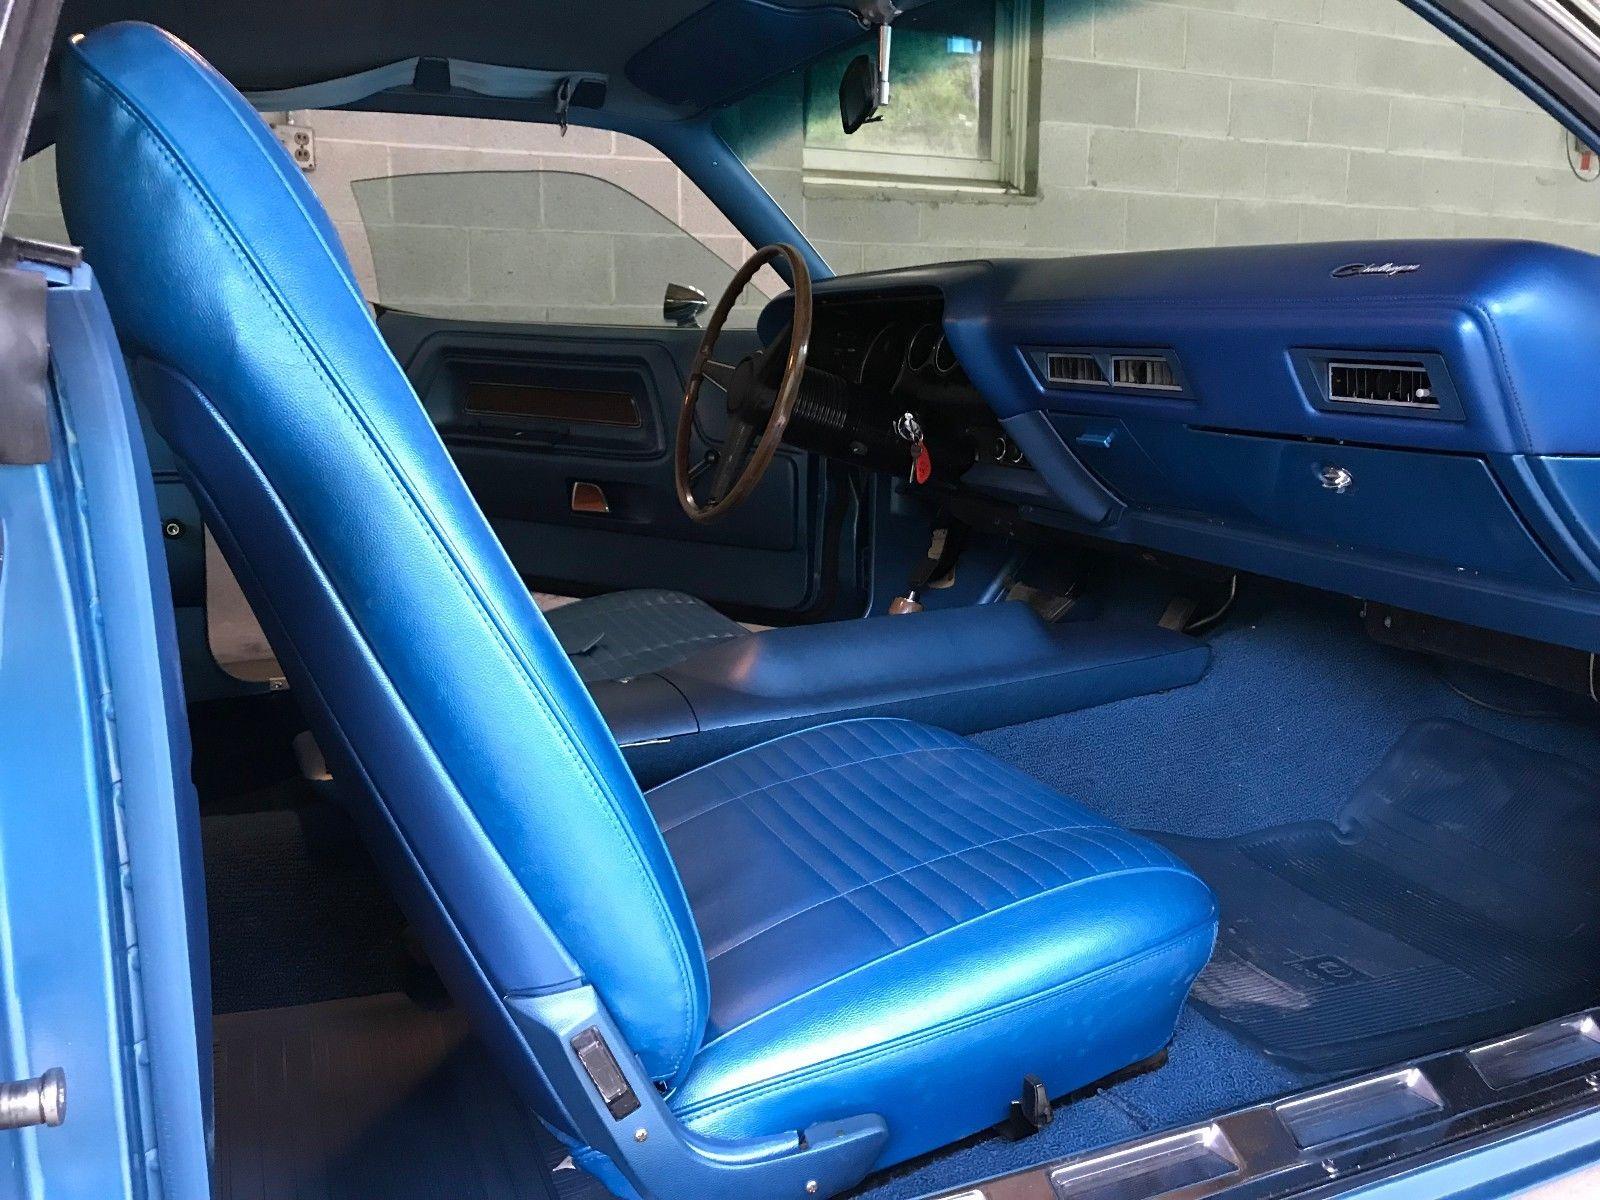 1970 Dodge Challenger interior